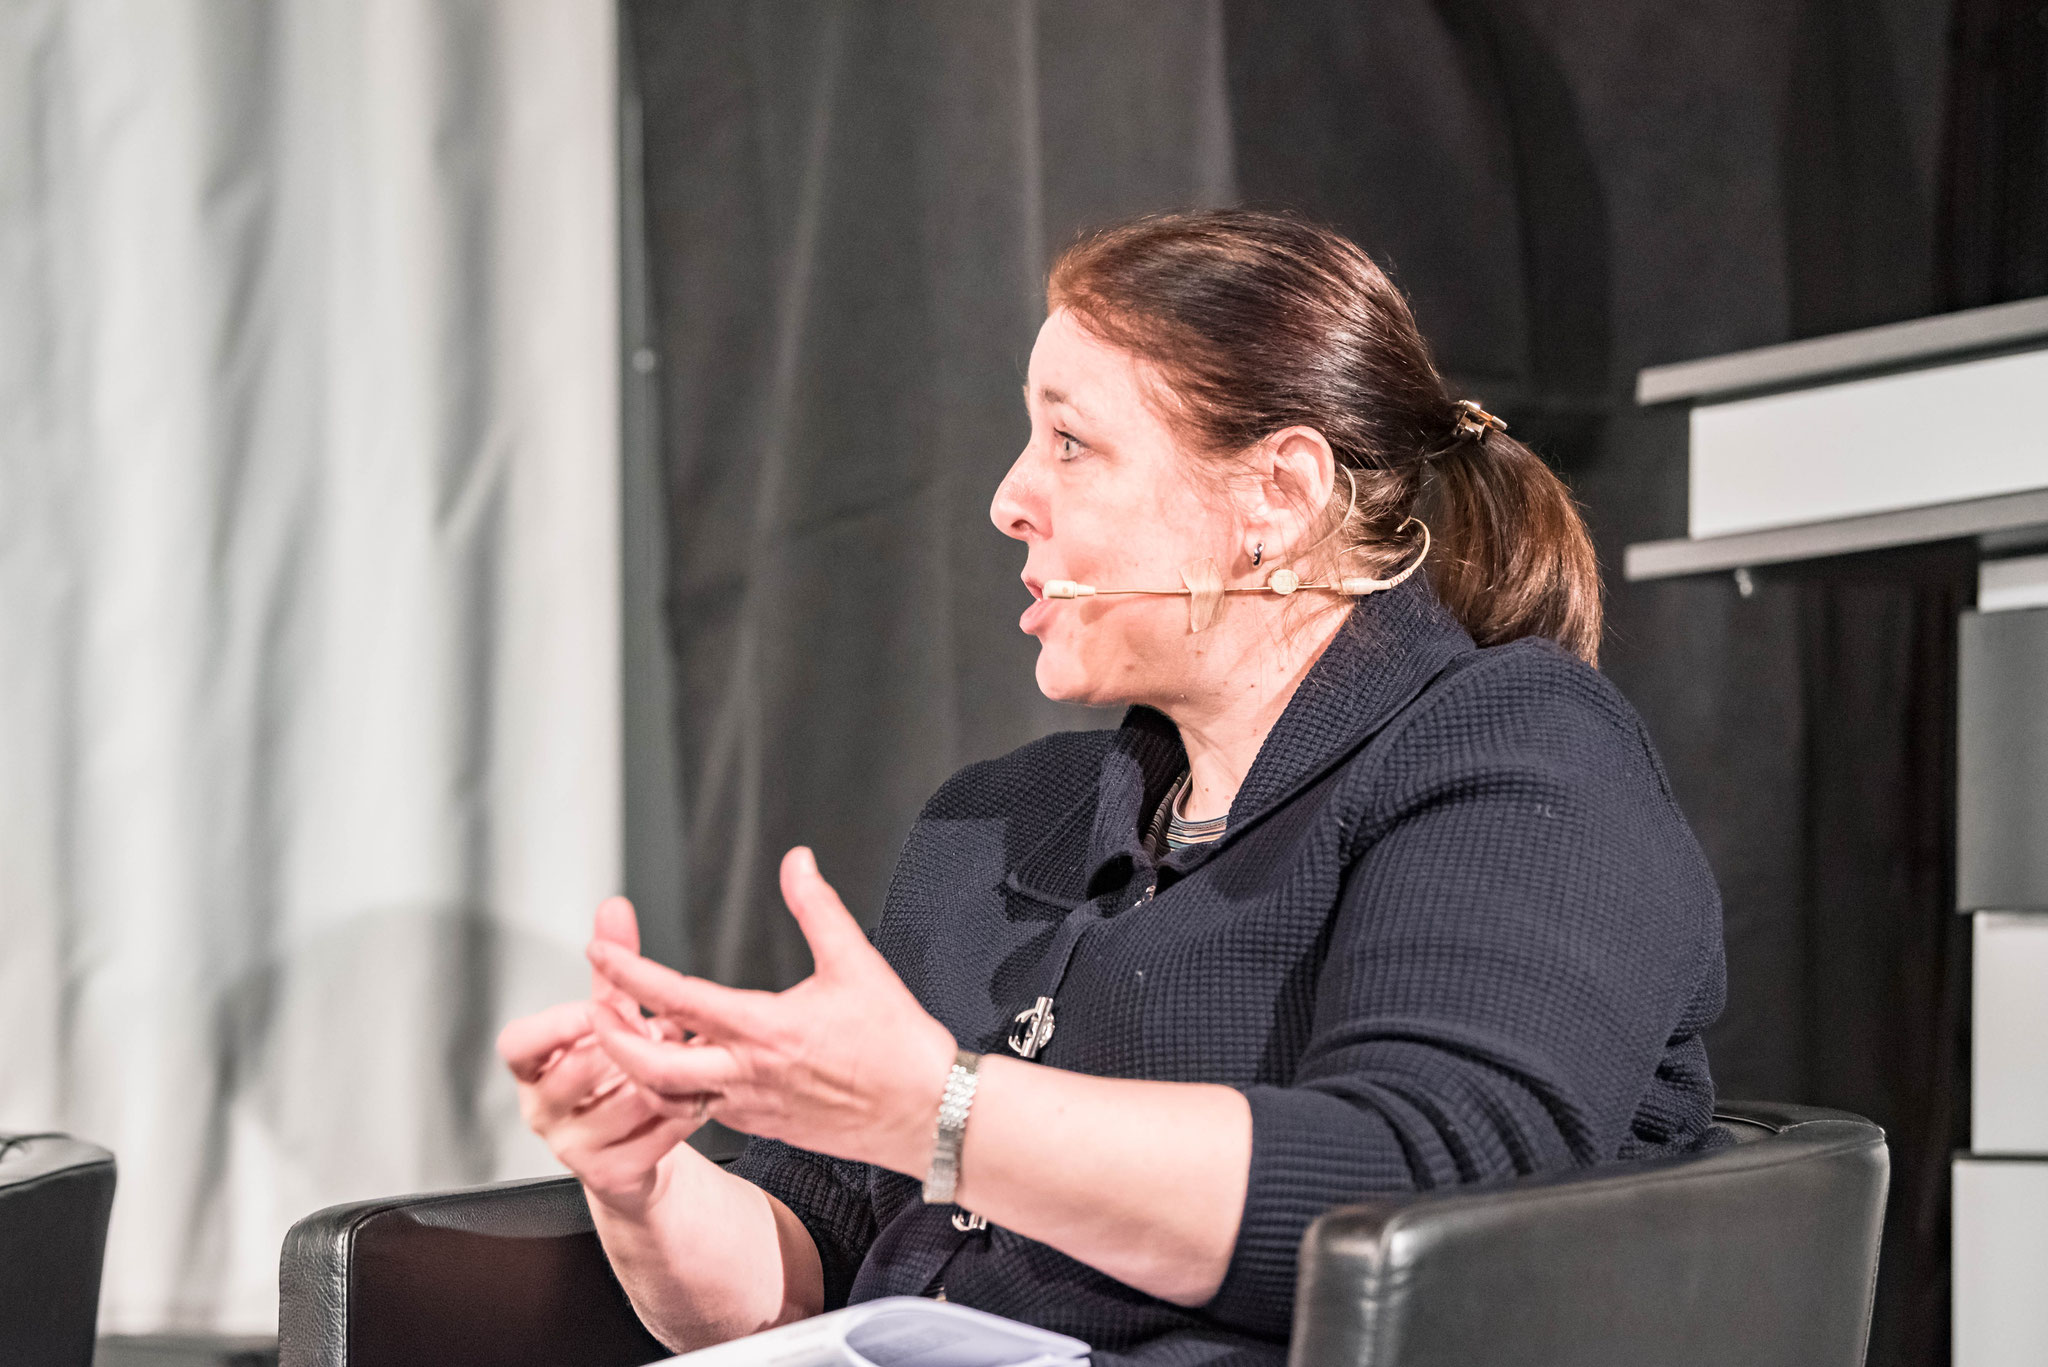 Silvia Mitteregger (ch Stiftung für eidgenössische Zusammenarbeit)